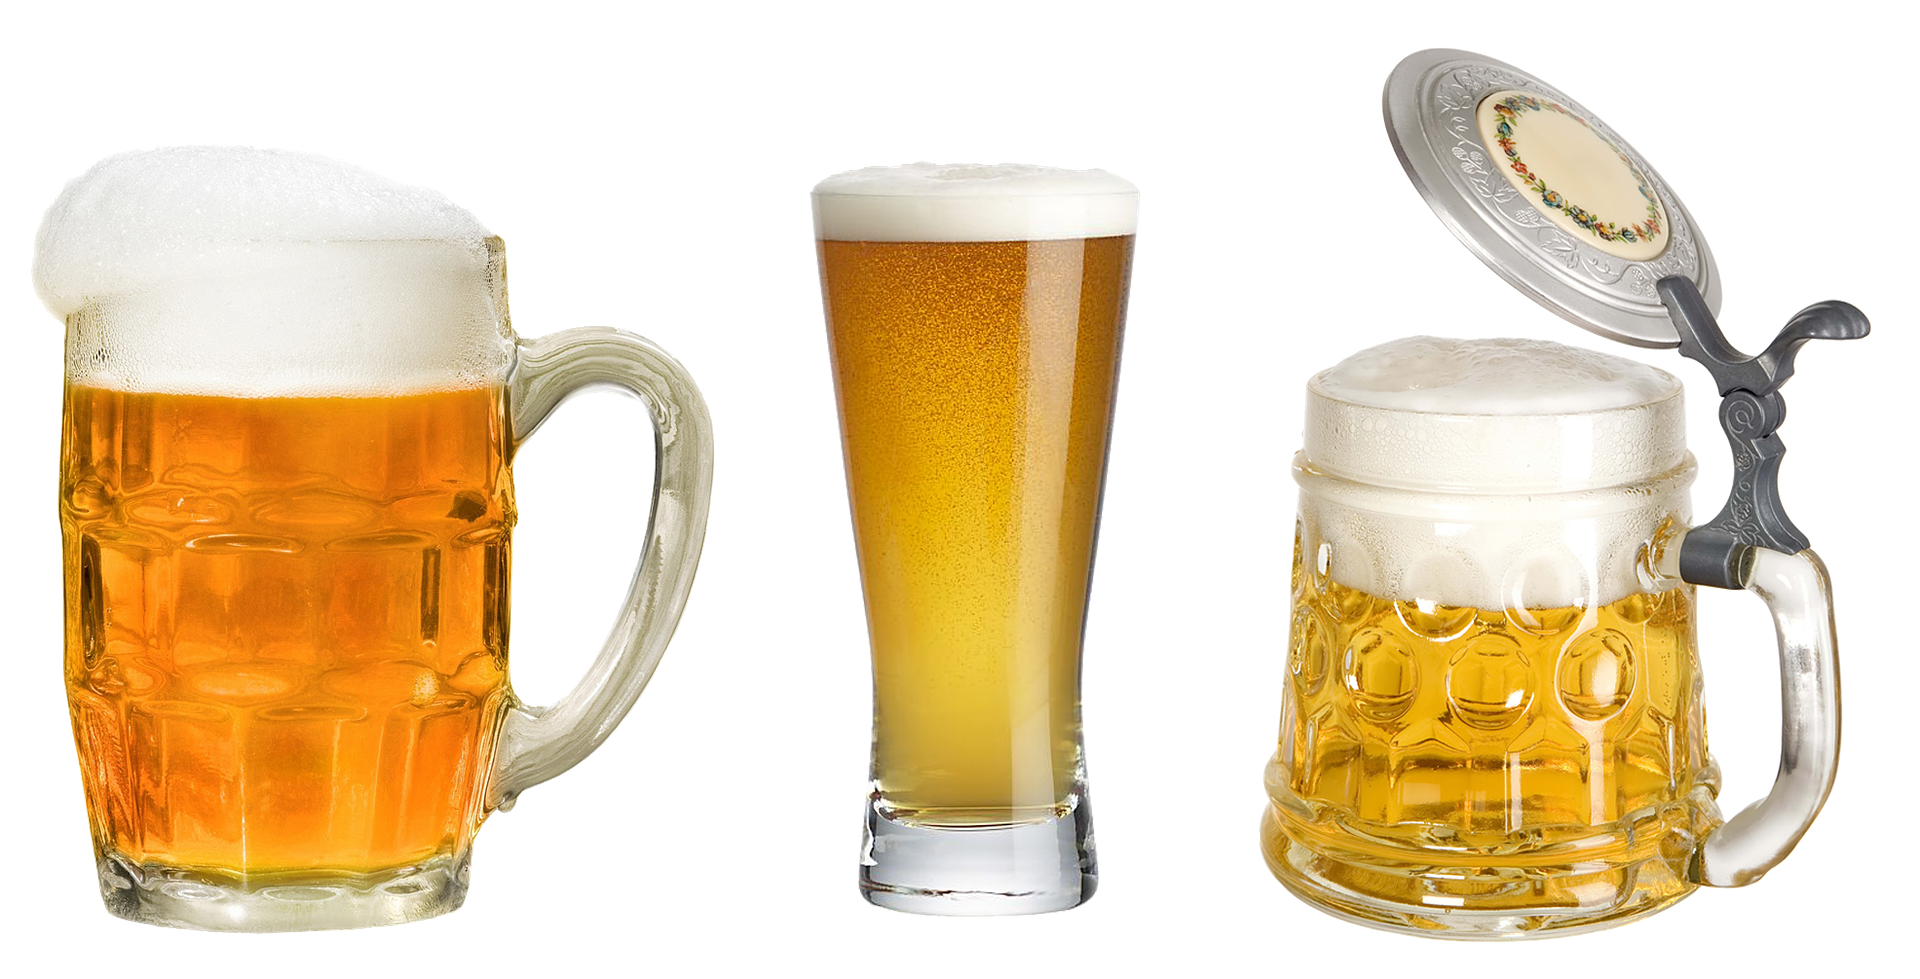 Comment choisir une bière sans alcool ?